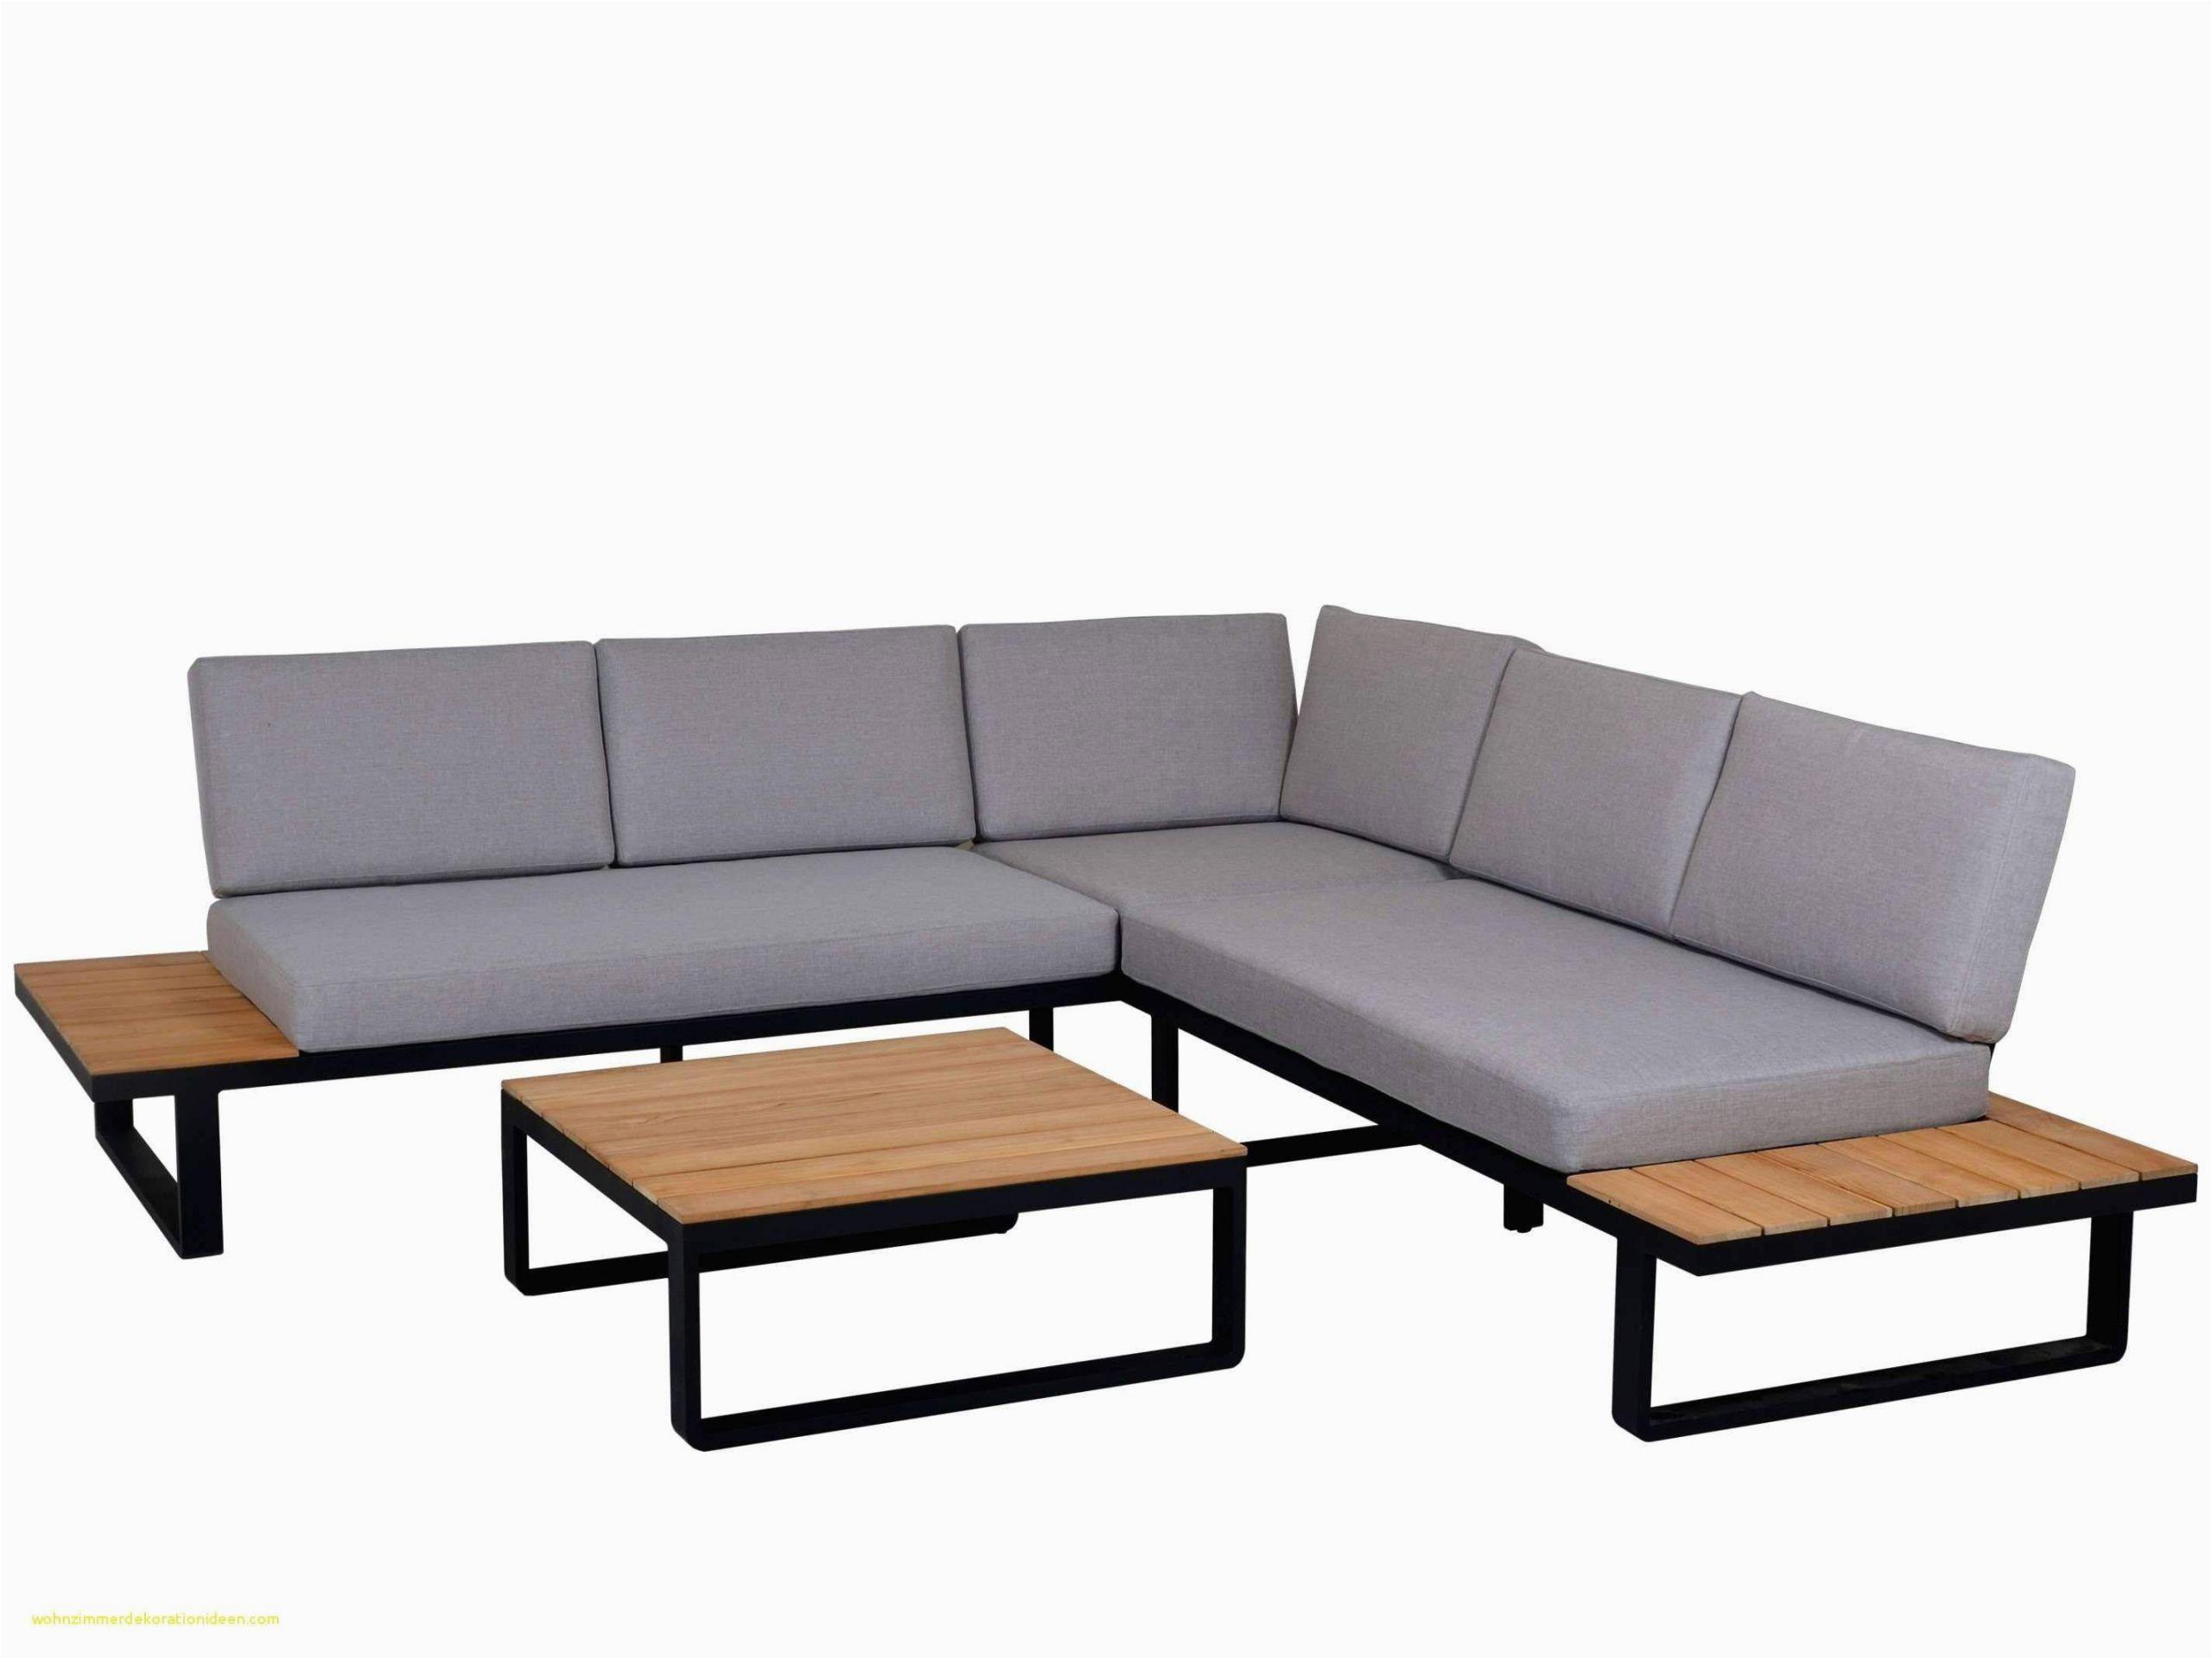 paletten sofa wohnzimmer frisch paletten sofa wohnzimmer einzigartig beste wohnzimmer regal of paletten sofa wohnzimmer scaled